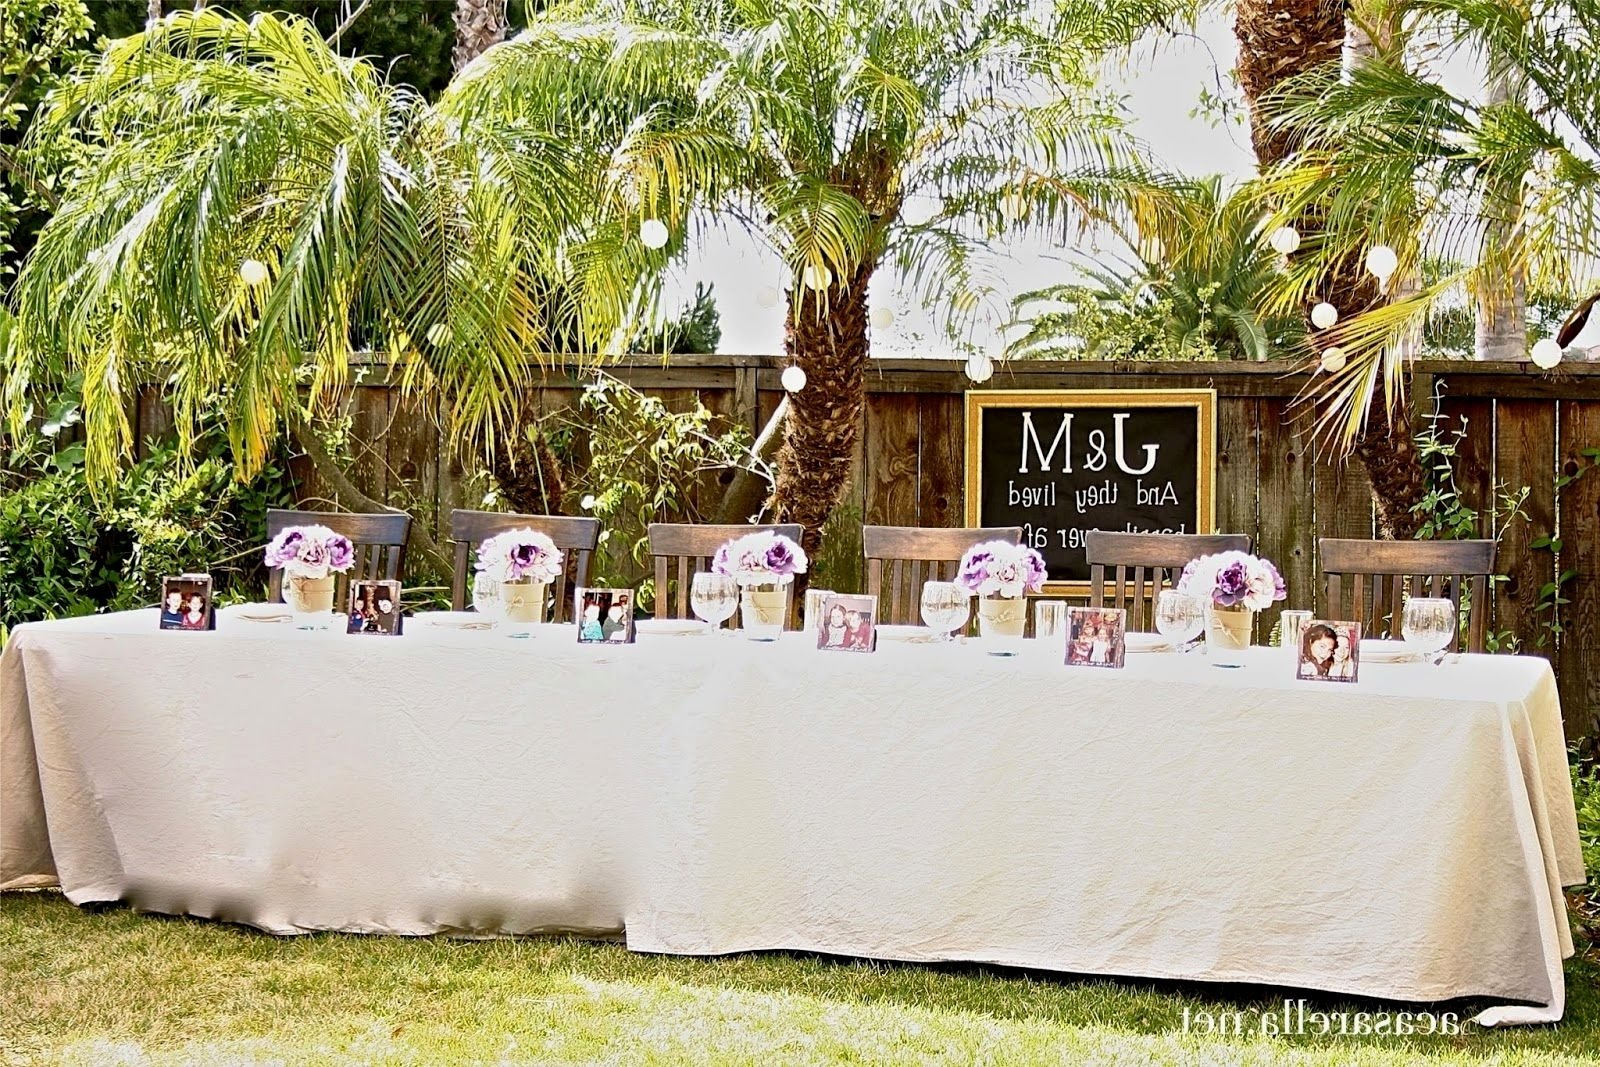 10 Cute Backyard Wedding Ideas For Summer planning a backyard wedding wedding 2020